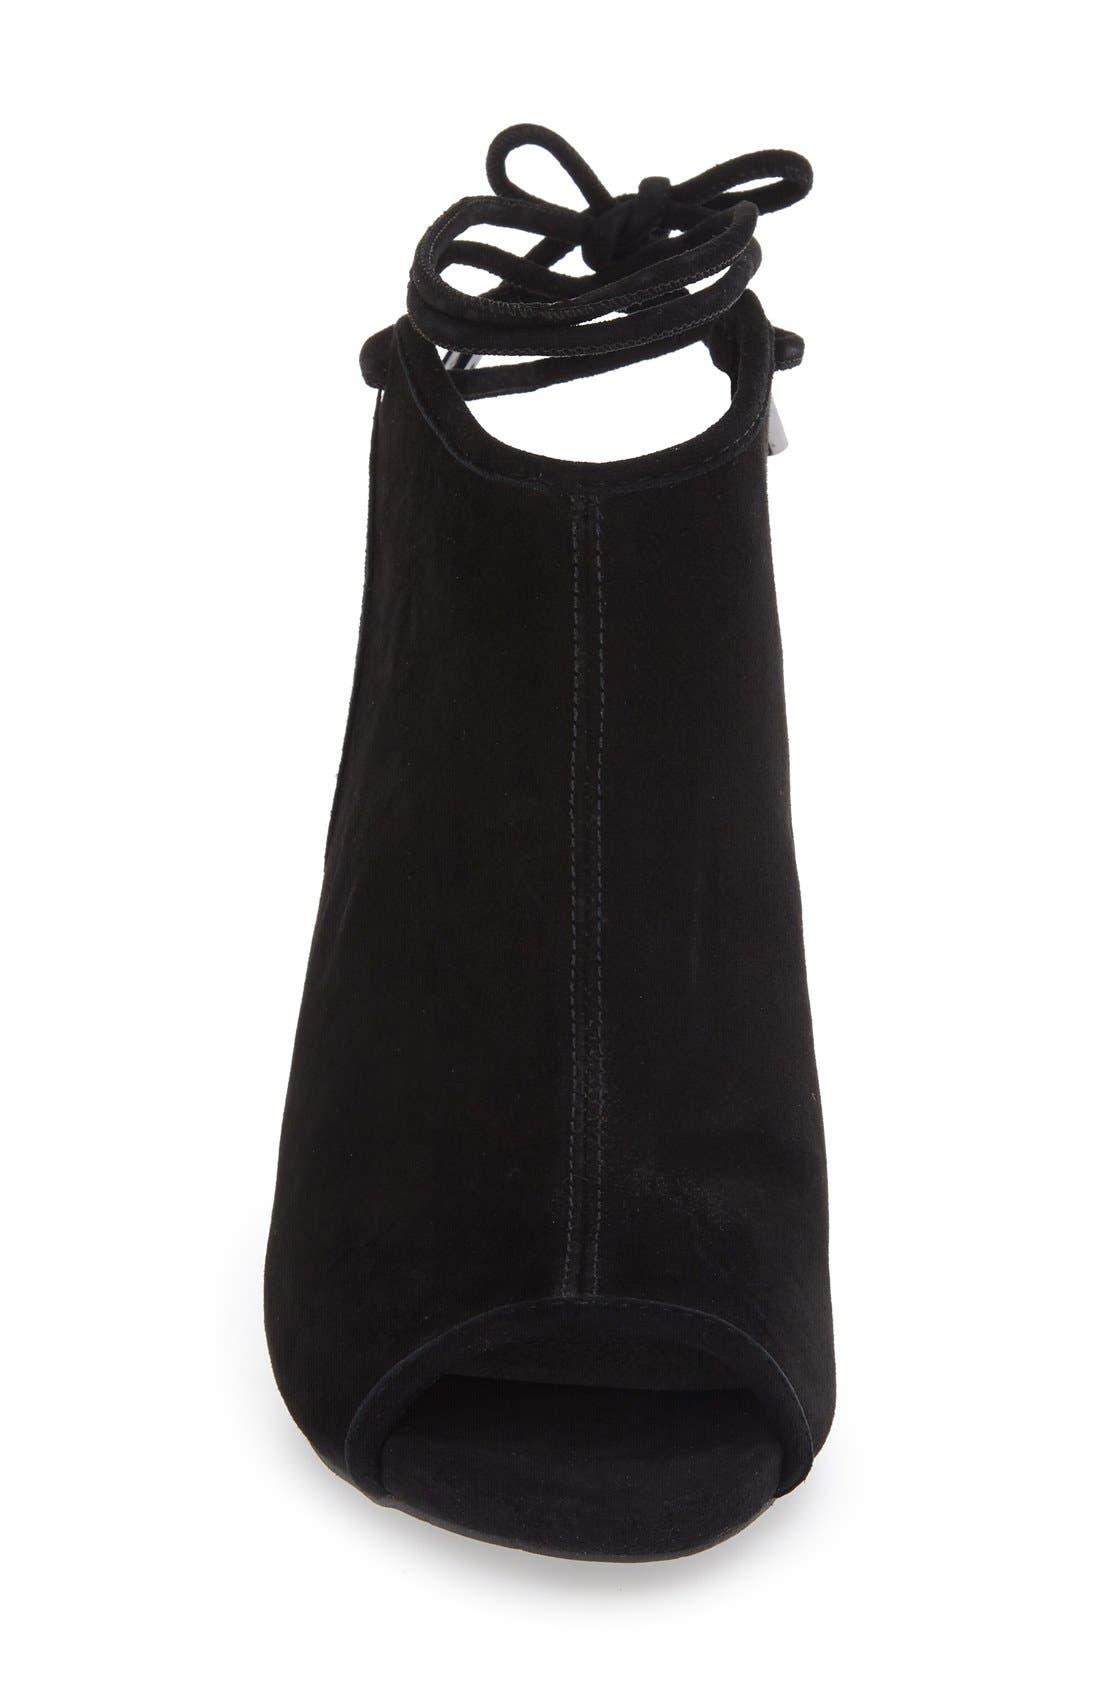 Darla Block Heel Sandal,                             Alternate thumbnail 3, color,                             001